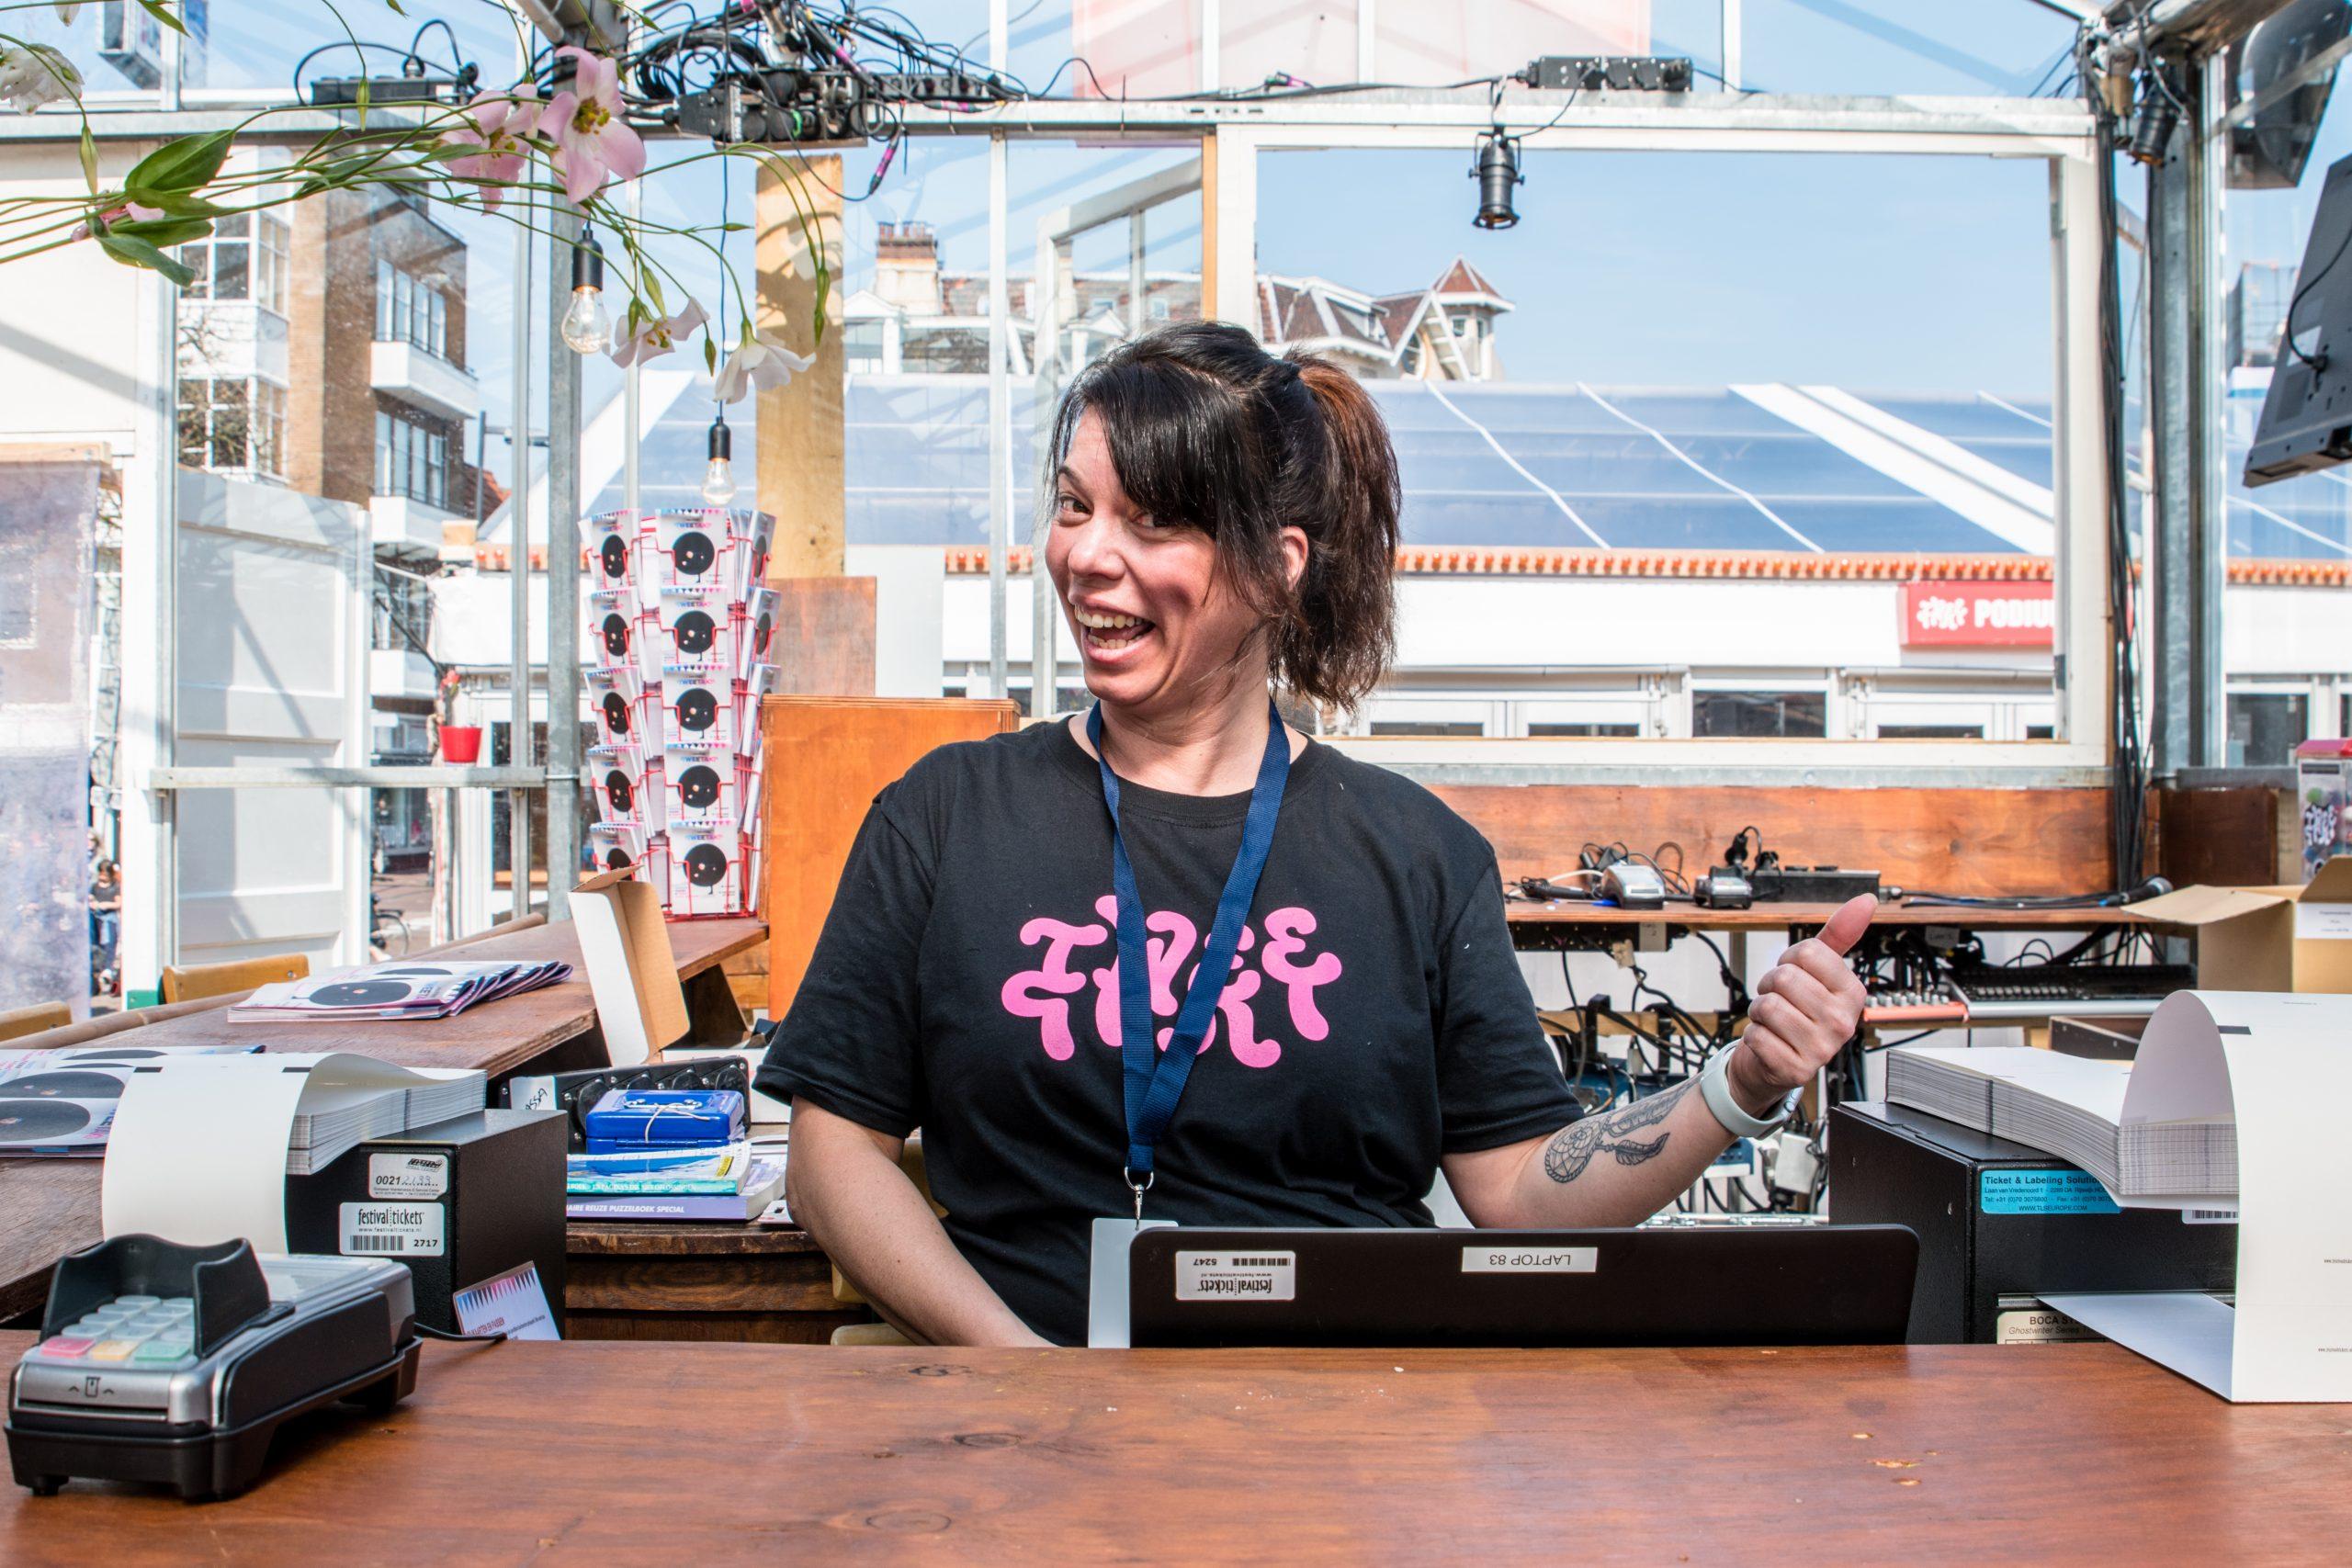 Een super blije Tweetaktvrijwilliger tijdens haar dienst achter de kassa. Ze poseert lachend voor de camera en steekt haar duim op.